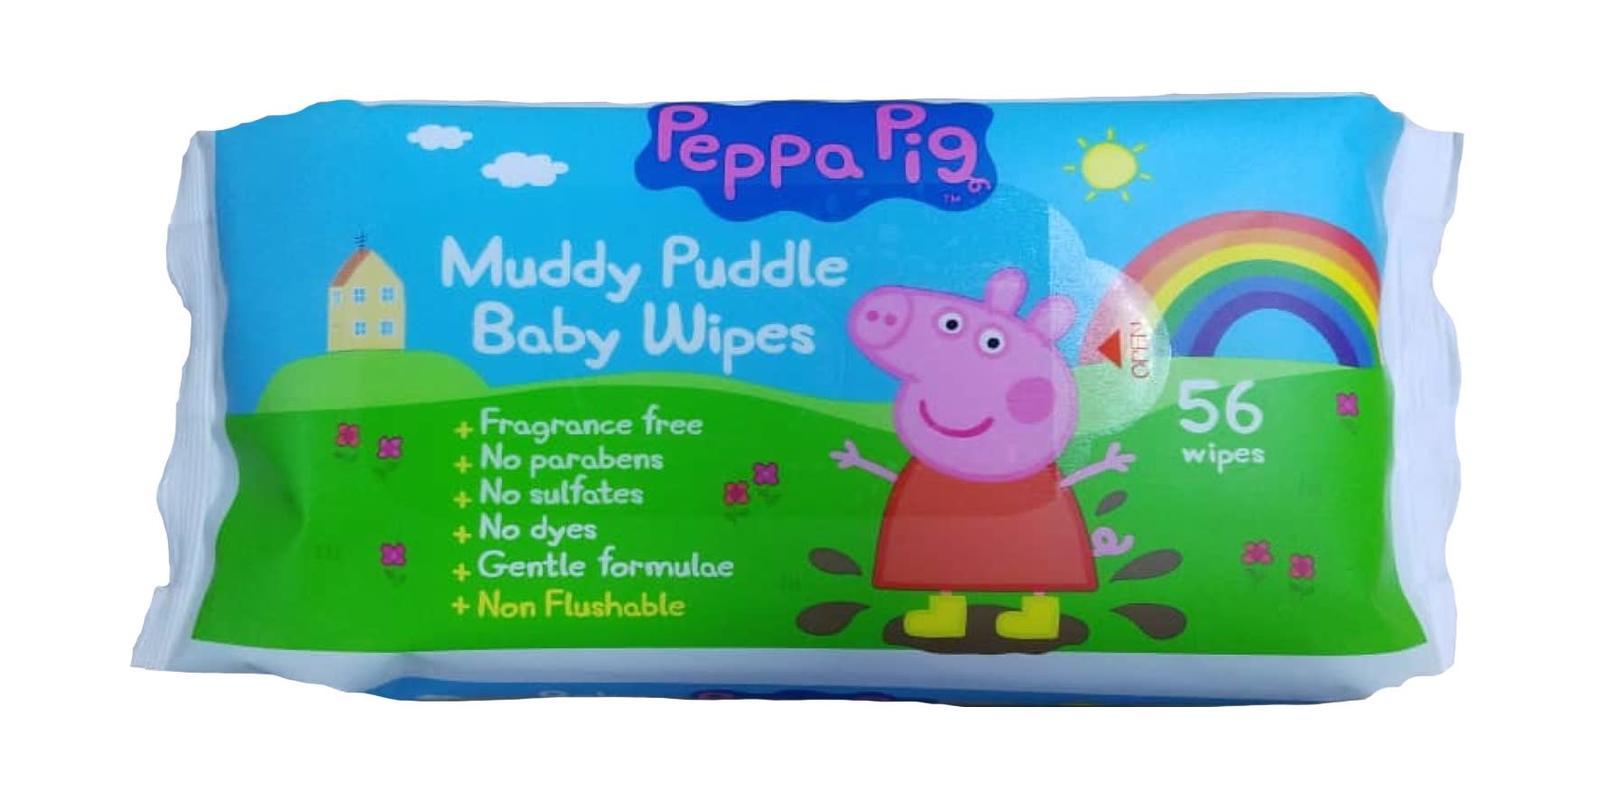 Peppa Pig Baby Wipes image